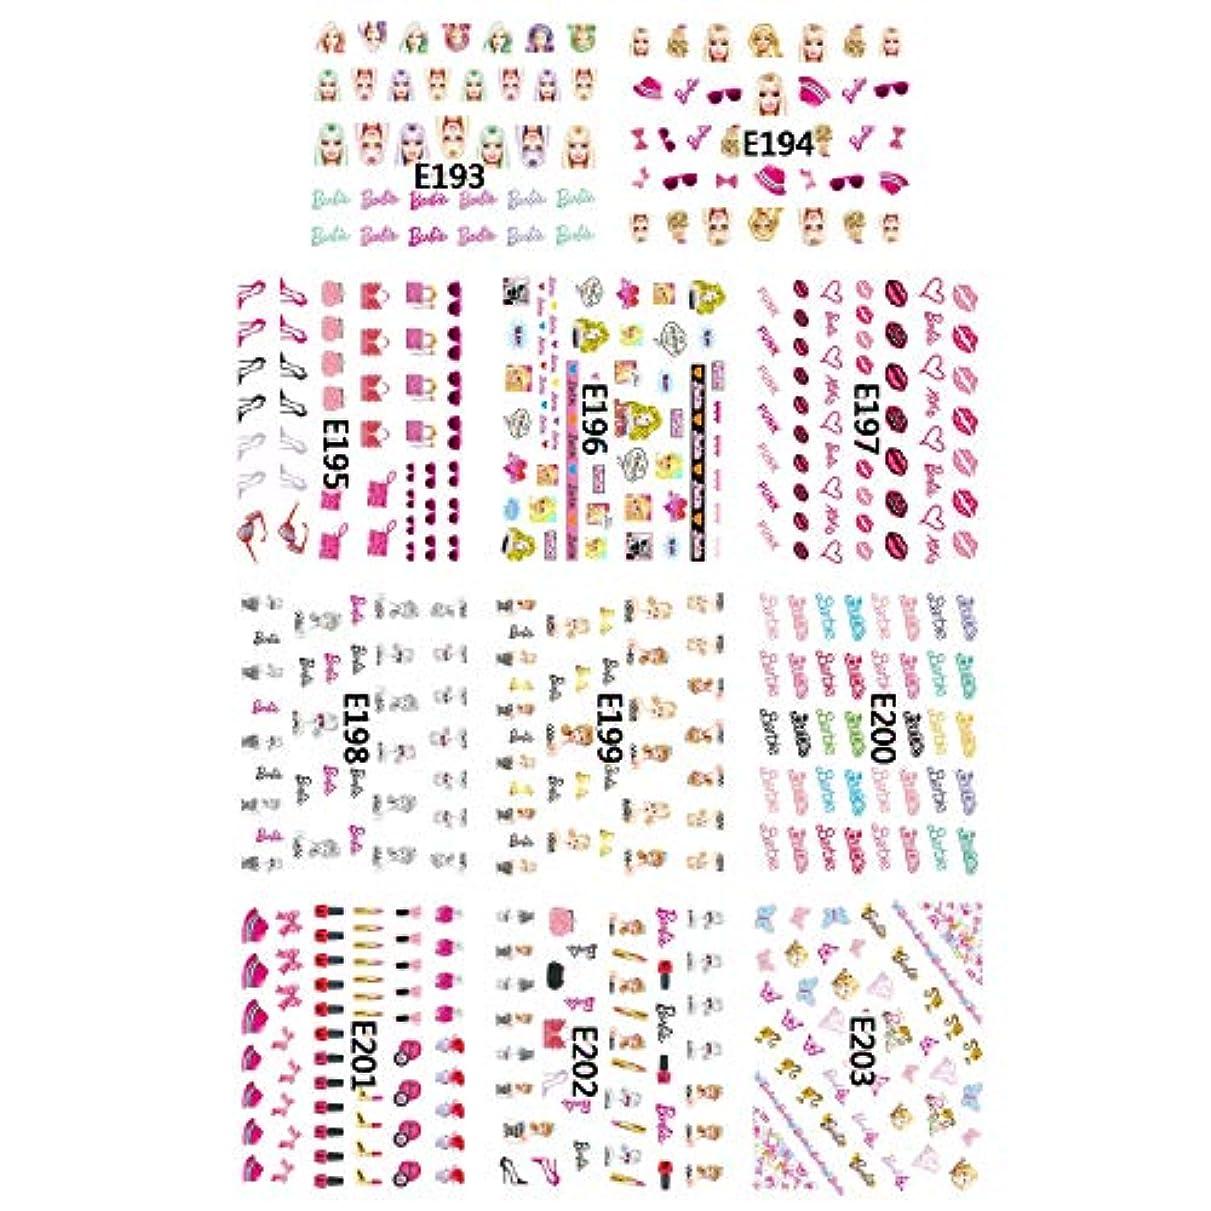 カウンターパート流体ホバーファッション水転写ネイルアートデカールステッカー美容おもちゃ人形デザインネイルステッカー装飾DIYバービー